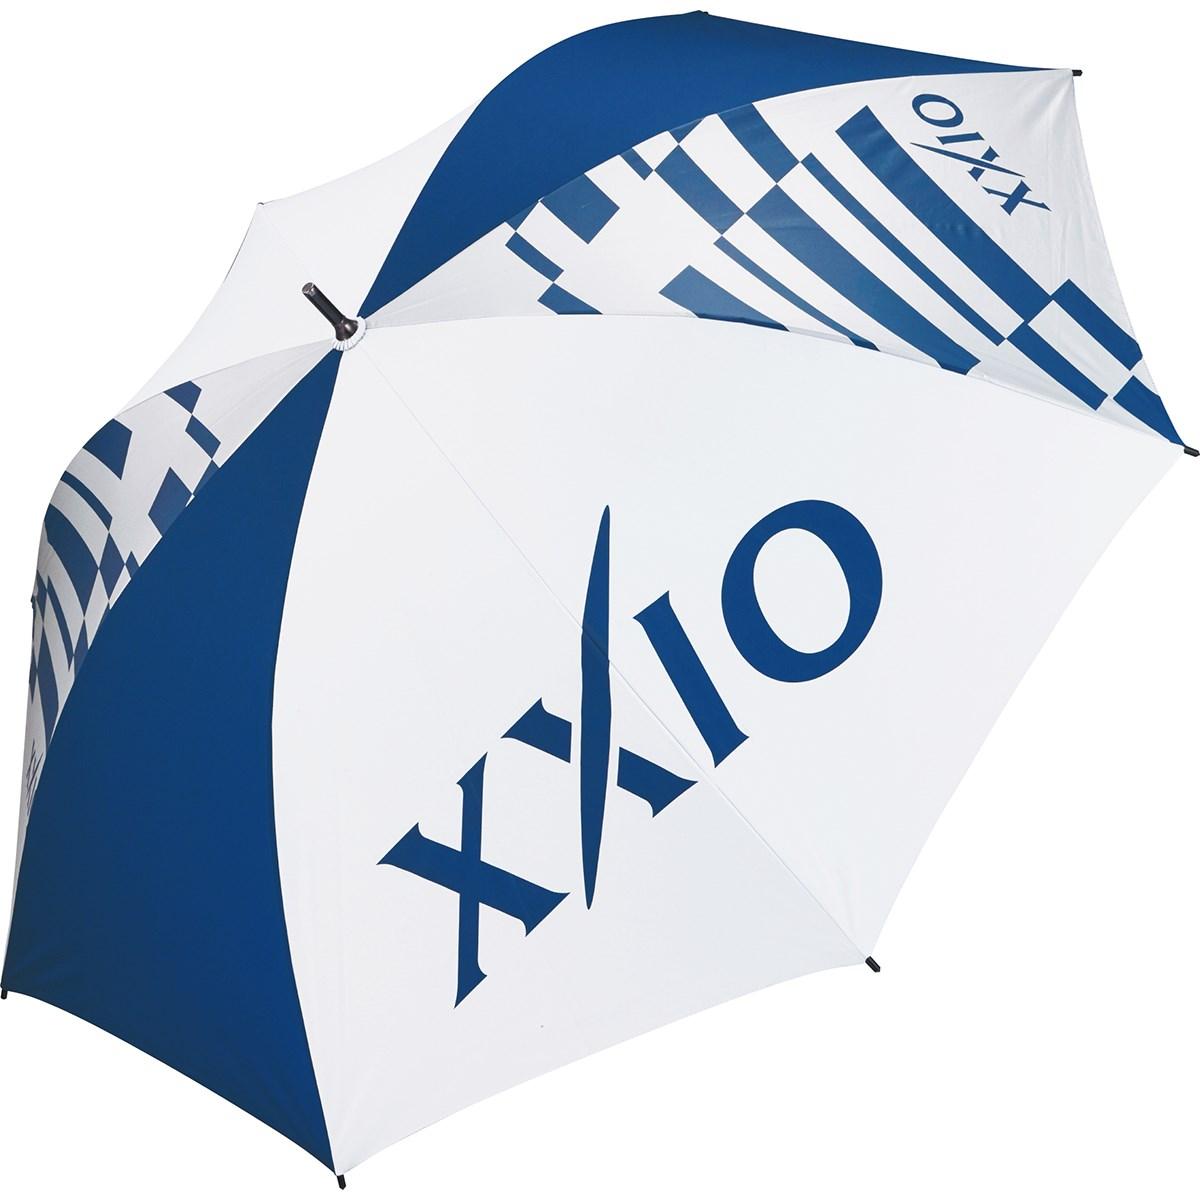 ダンロップ XXIO 傘 ホワイト/ネイビー